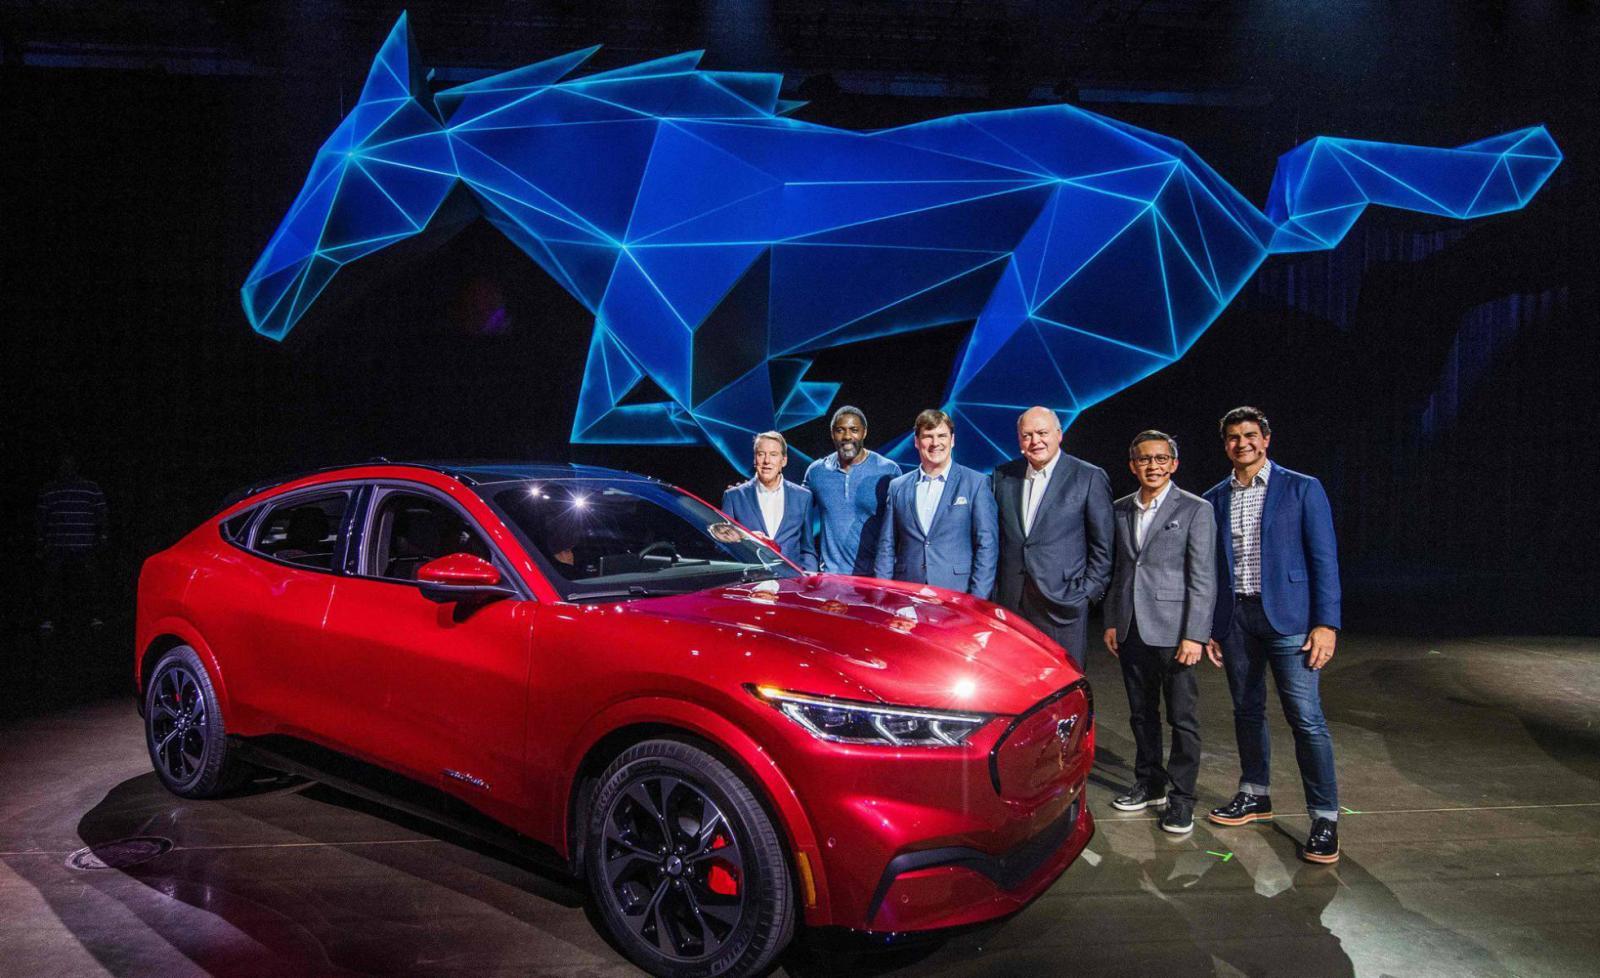 Mustang Mach-e presentación